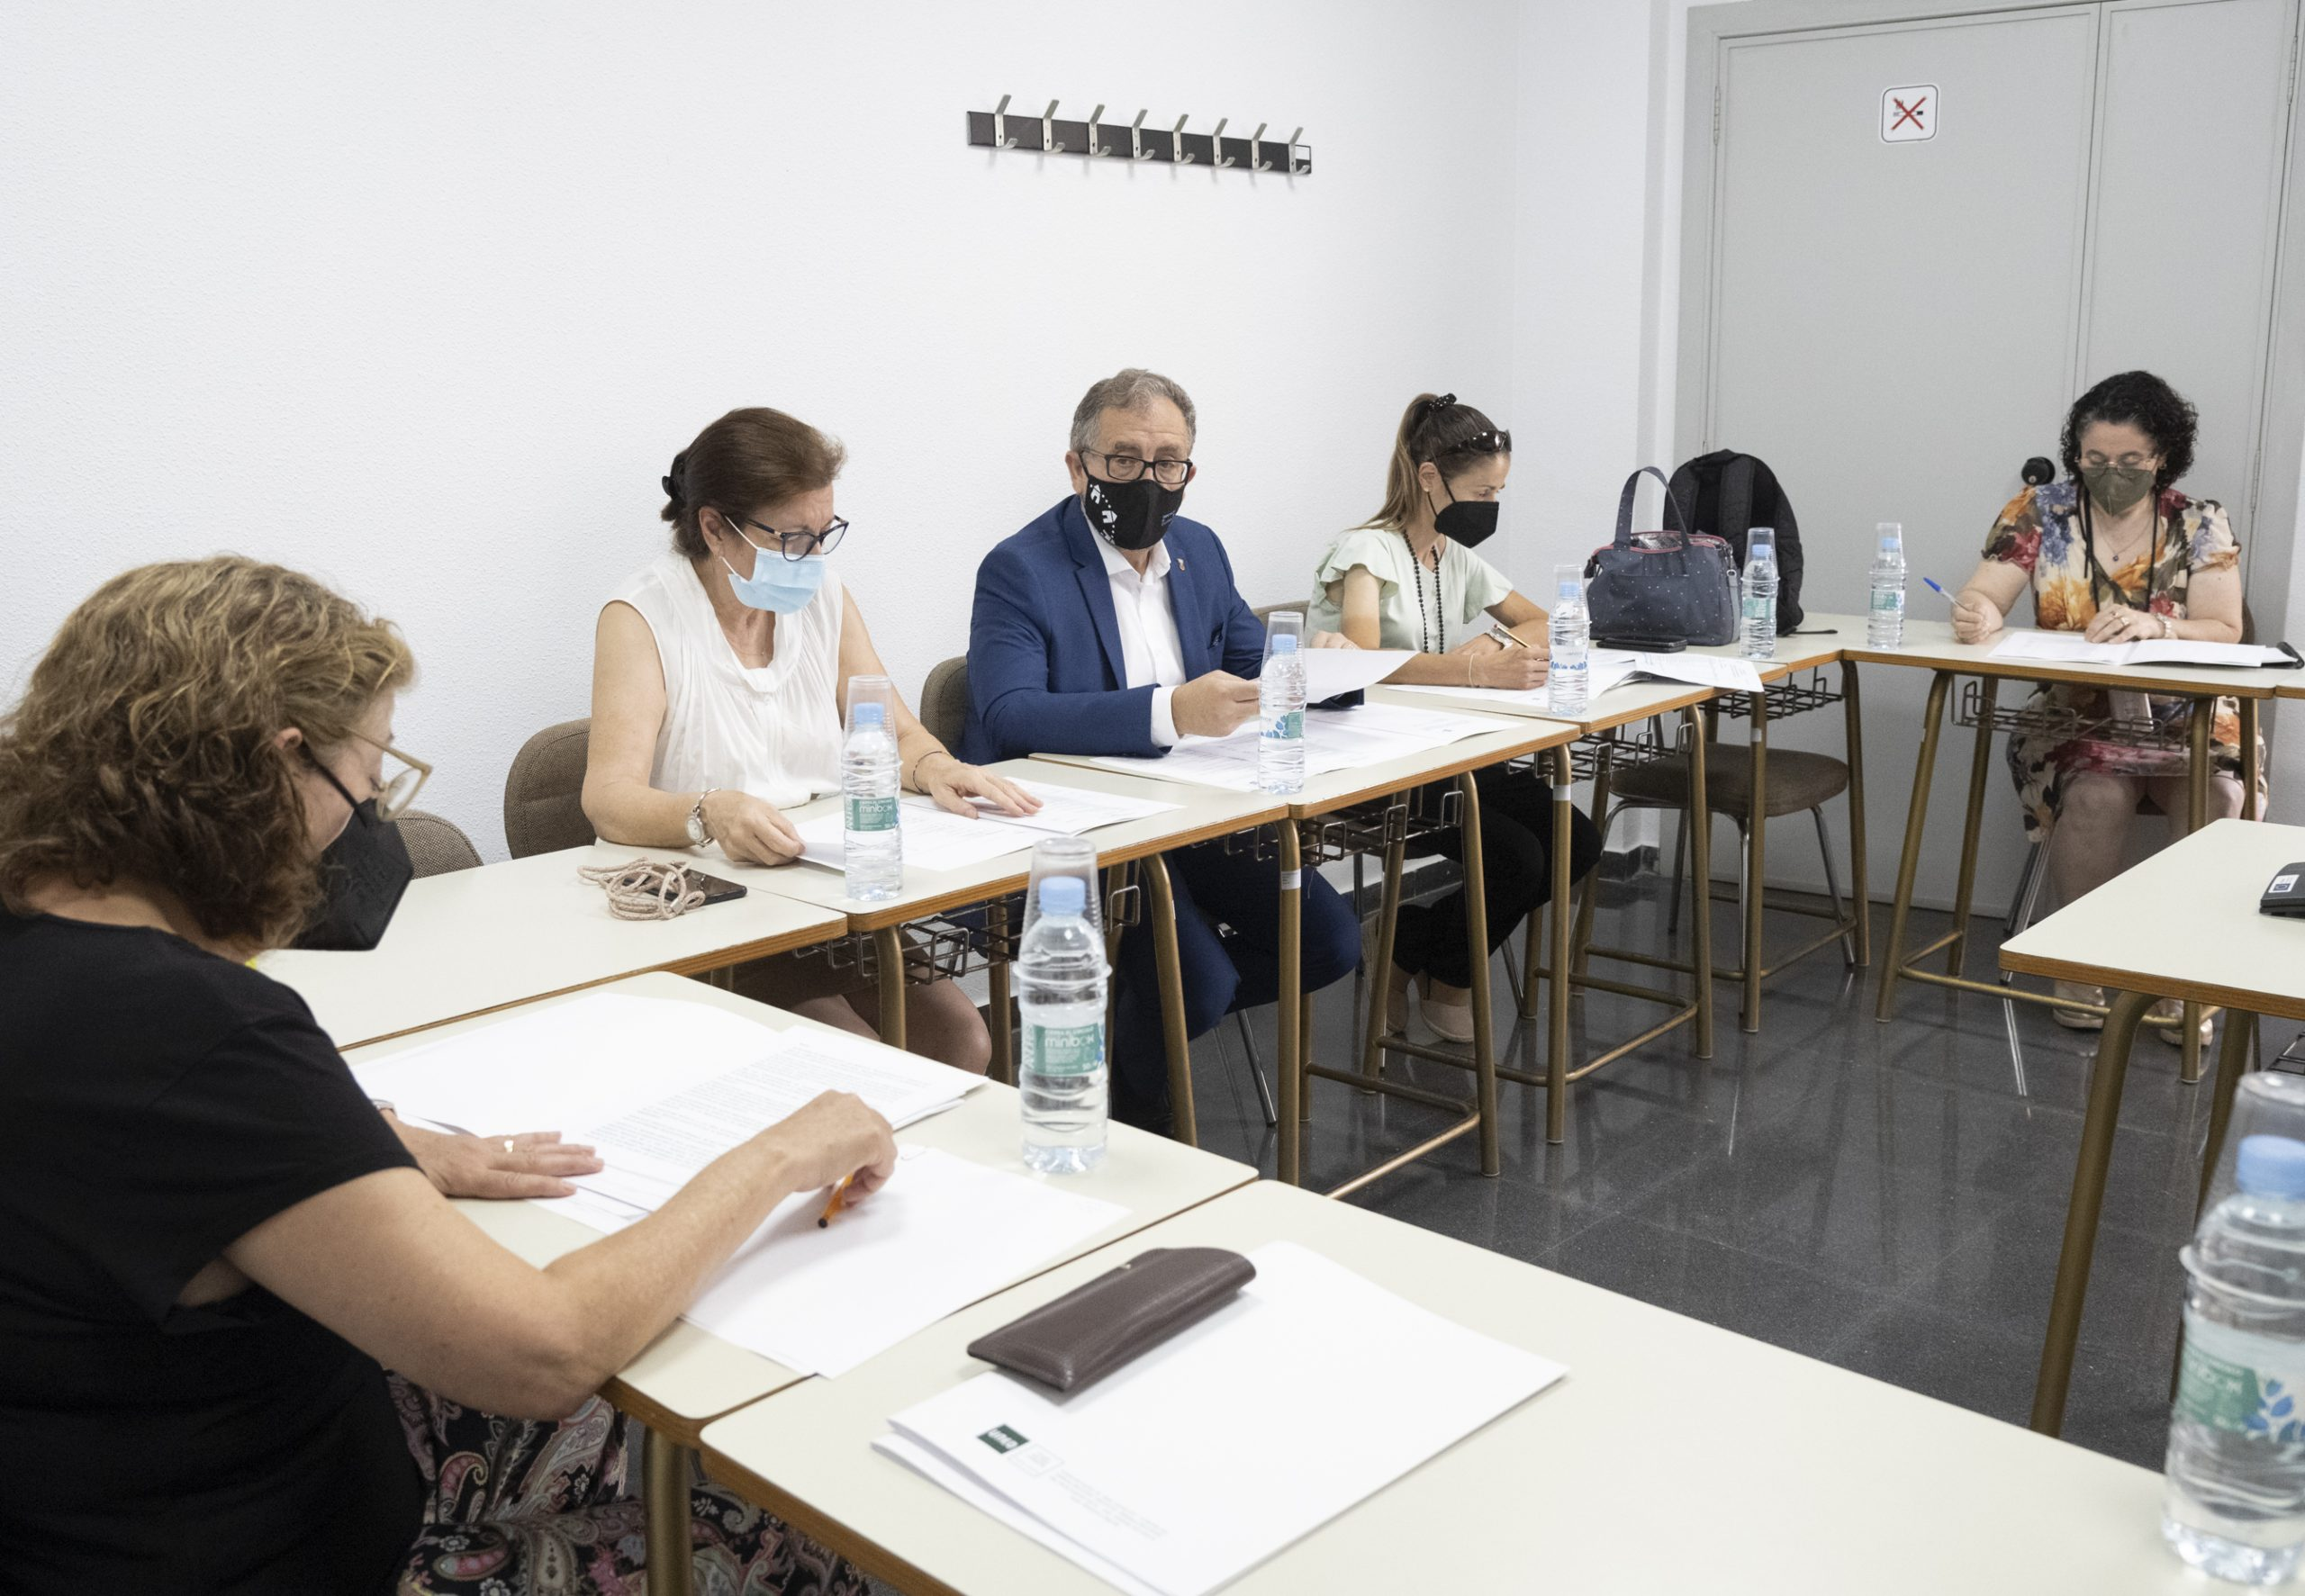 José Martí participa en la Junta Rectora del Consorcio Universitario de la UNED en Vila-real, que ha ratificado unas cuentas para 2022 de más de 600.000 euros